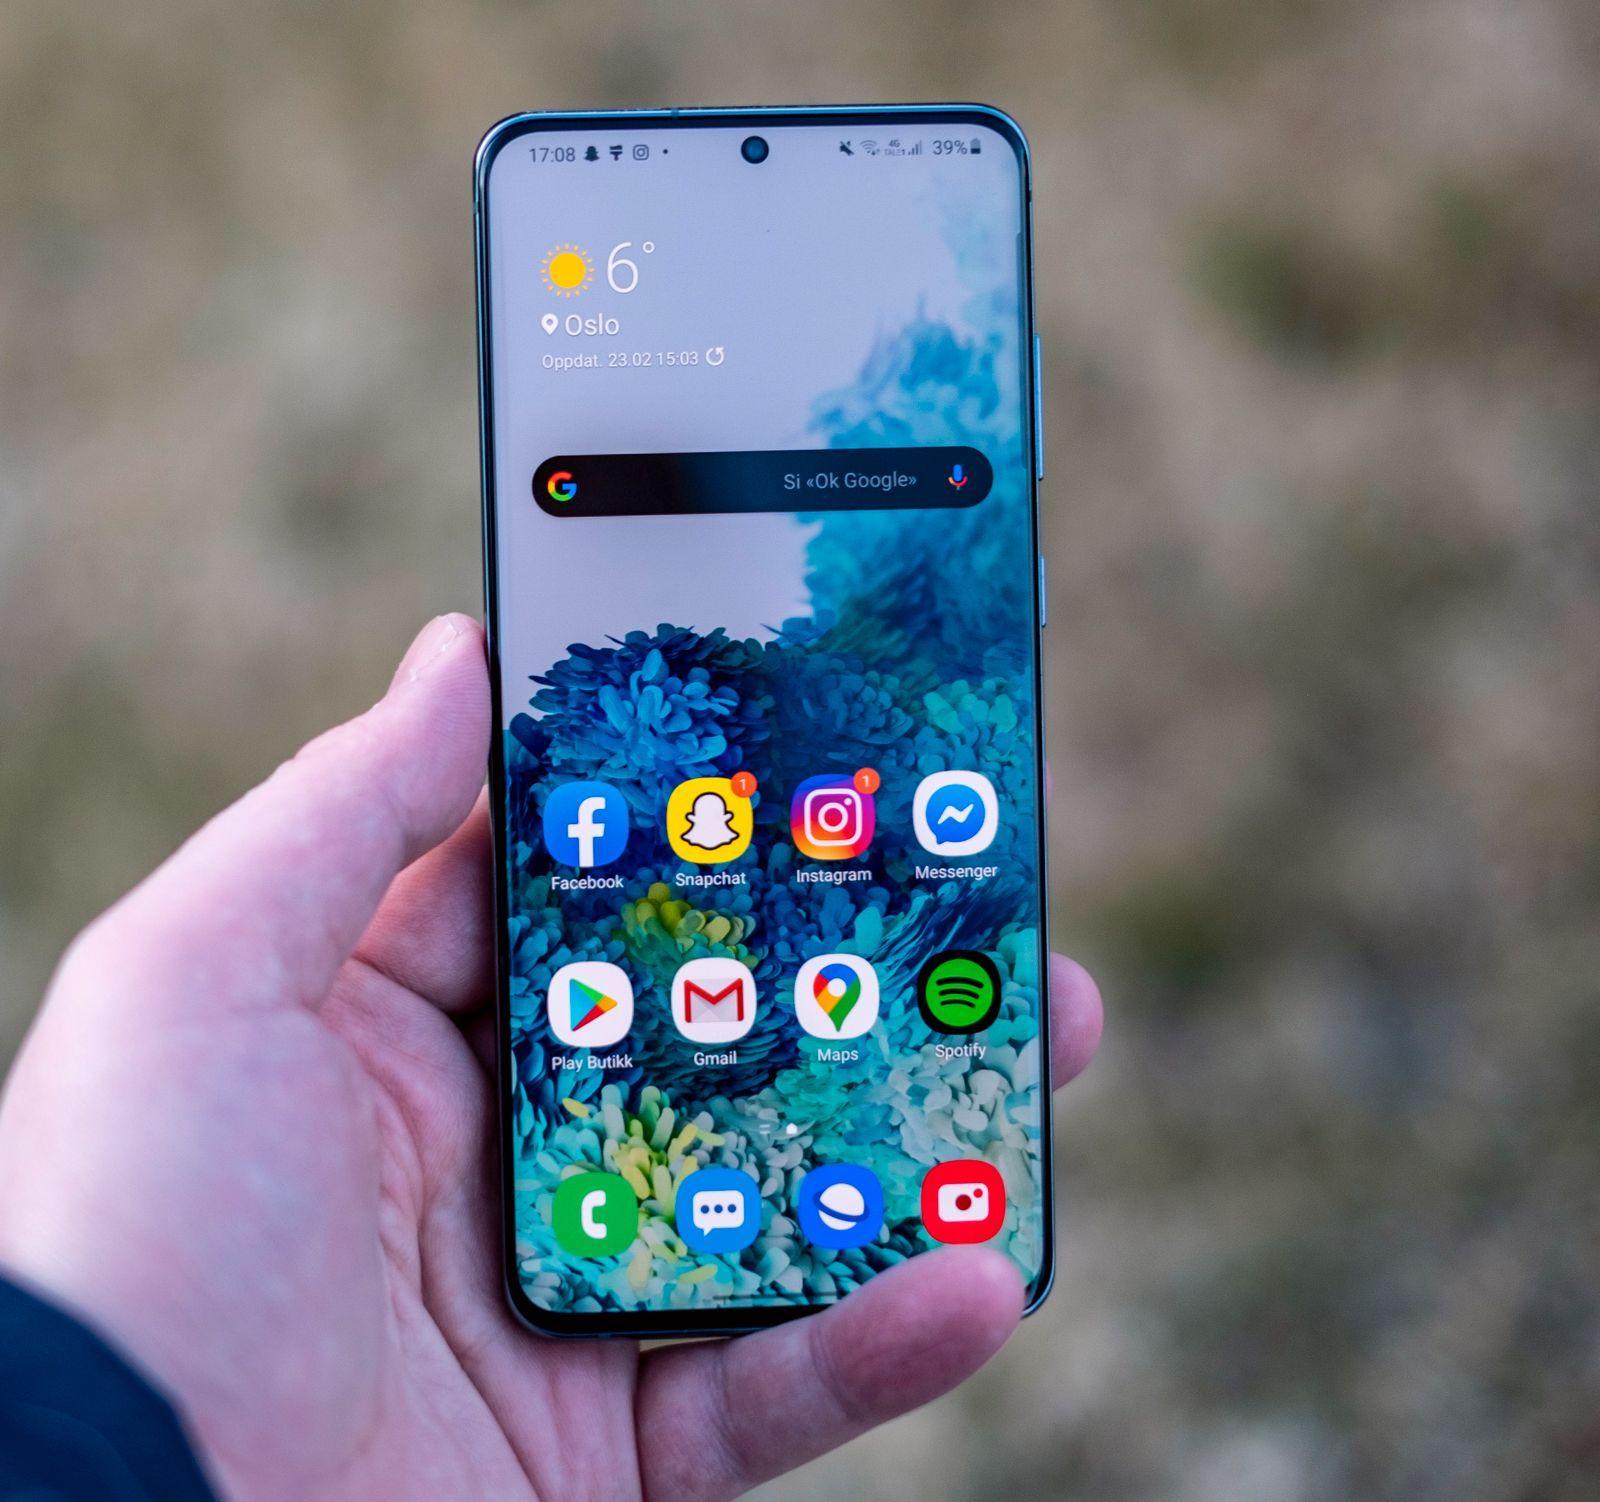 Mange toppmodeller, som Galaxy S20 Ultra, har hatt støtte for 120 Hz-skjerm. Nå kommer dette også til billigere telefoner.